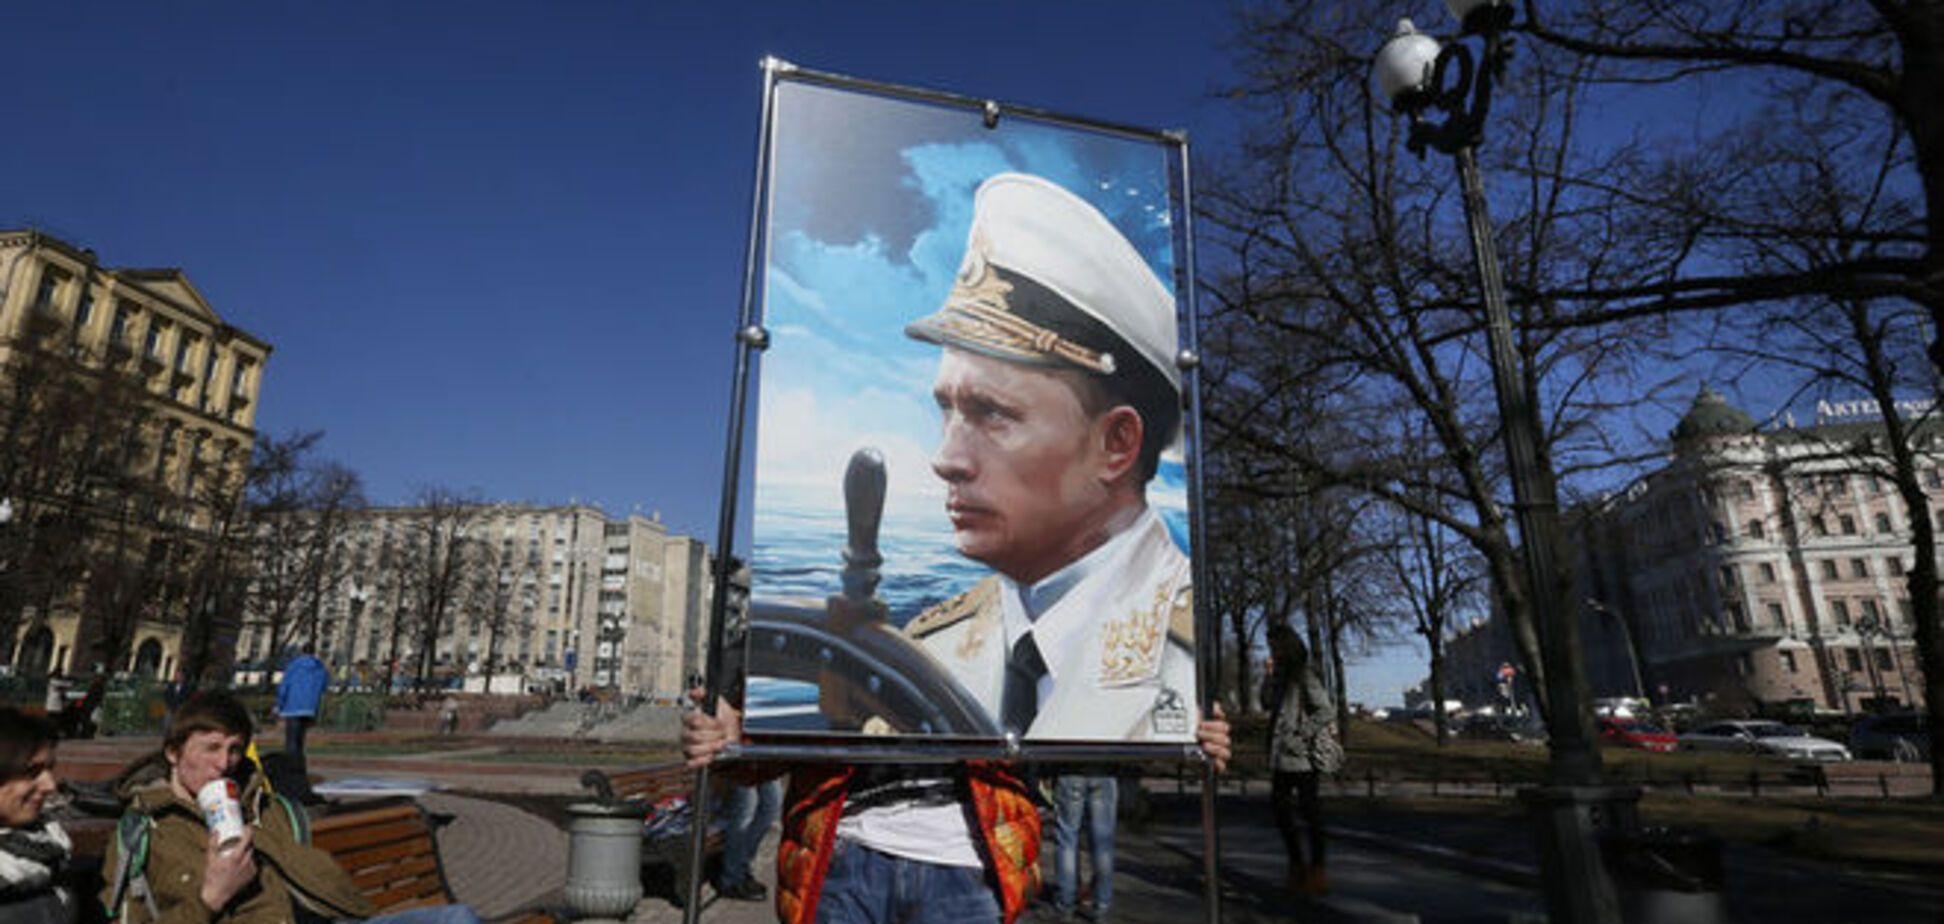 Магда: від Путіна можна все, що завгодно очікувати